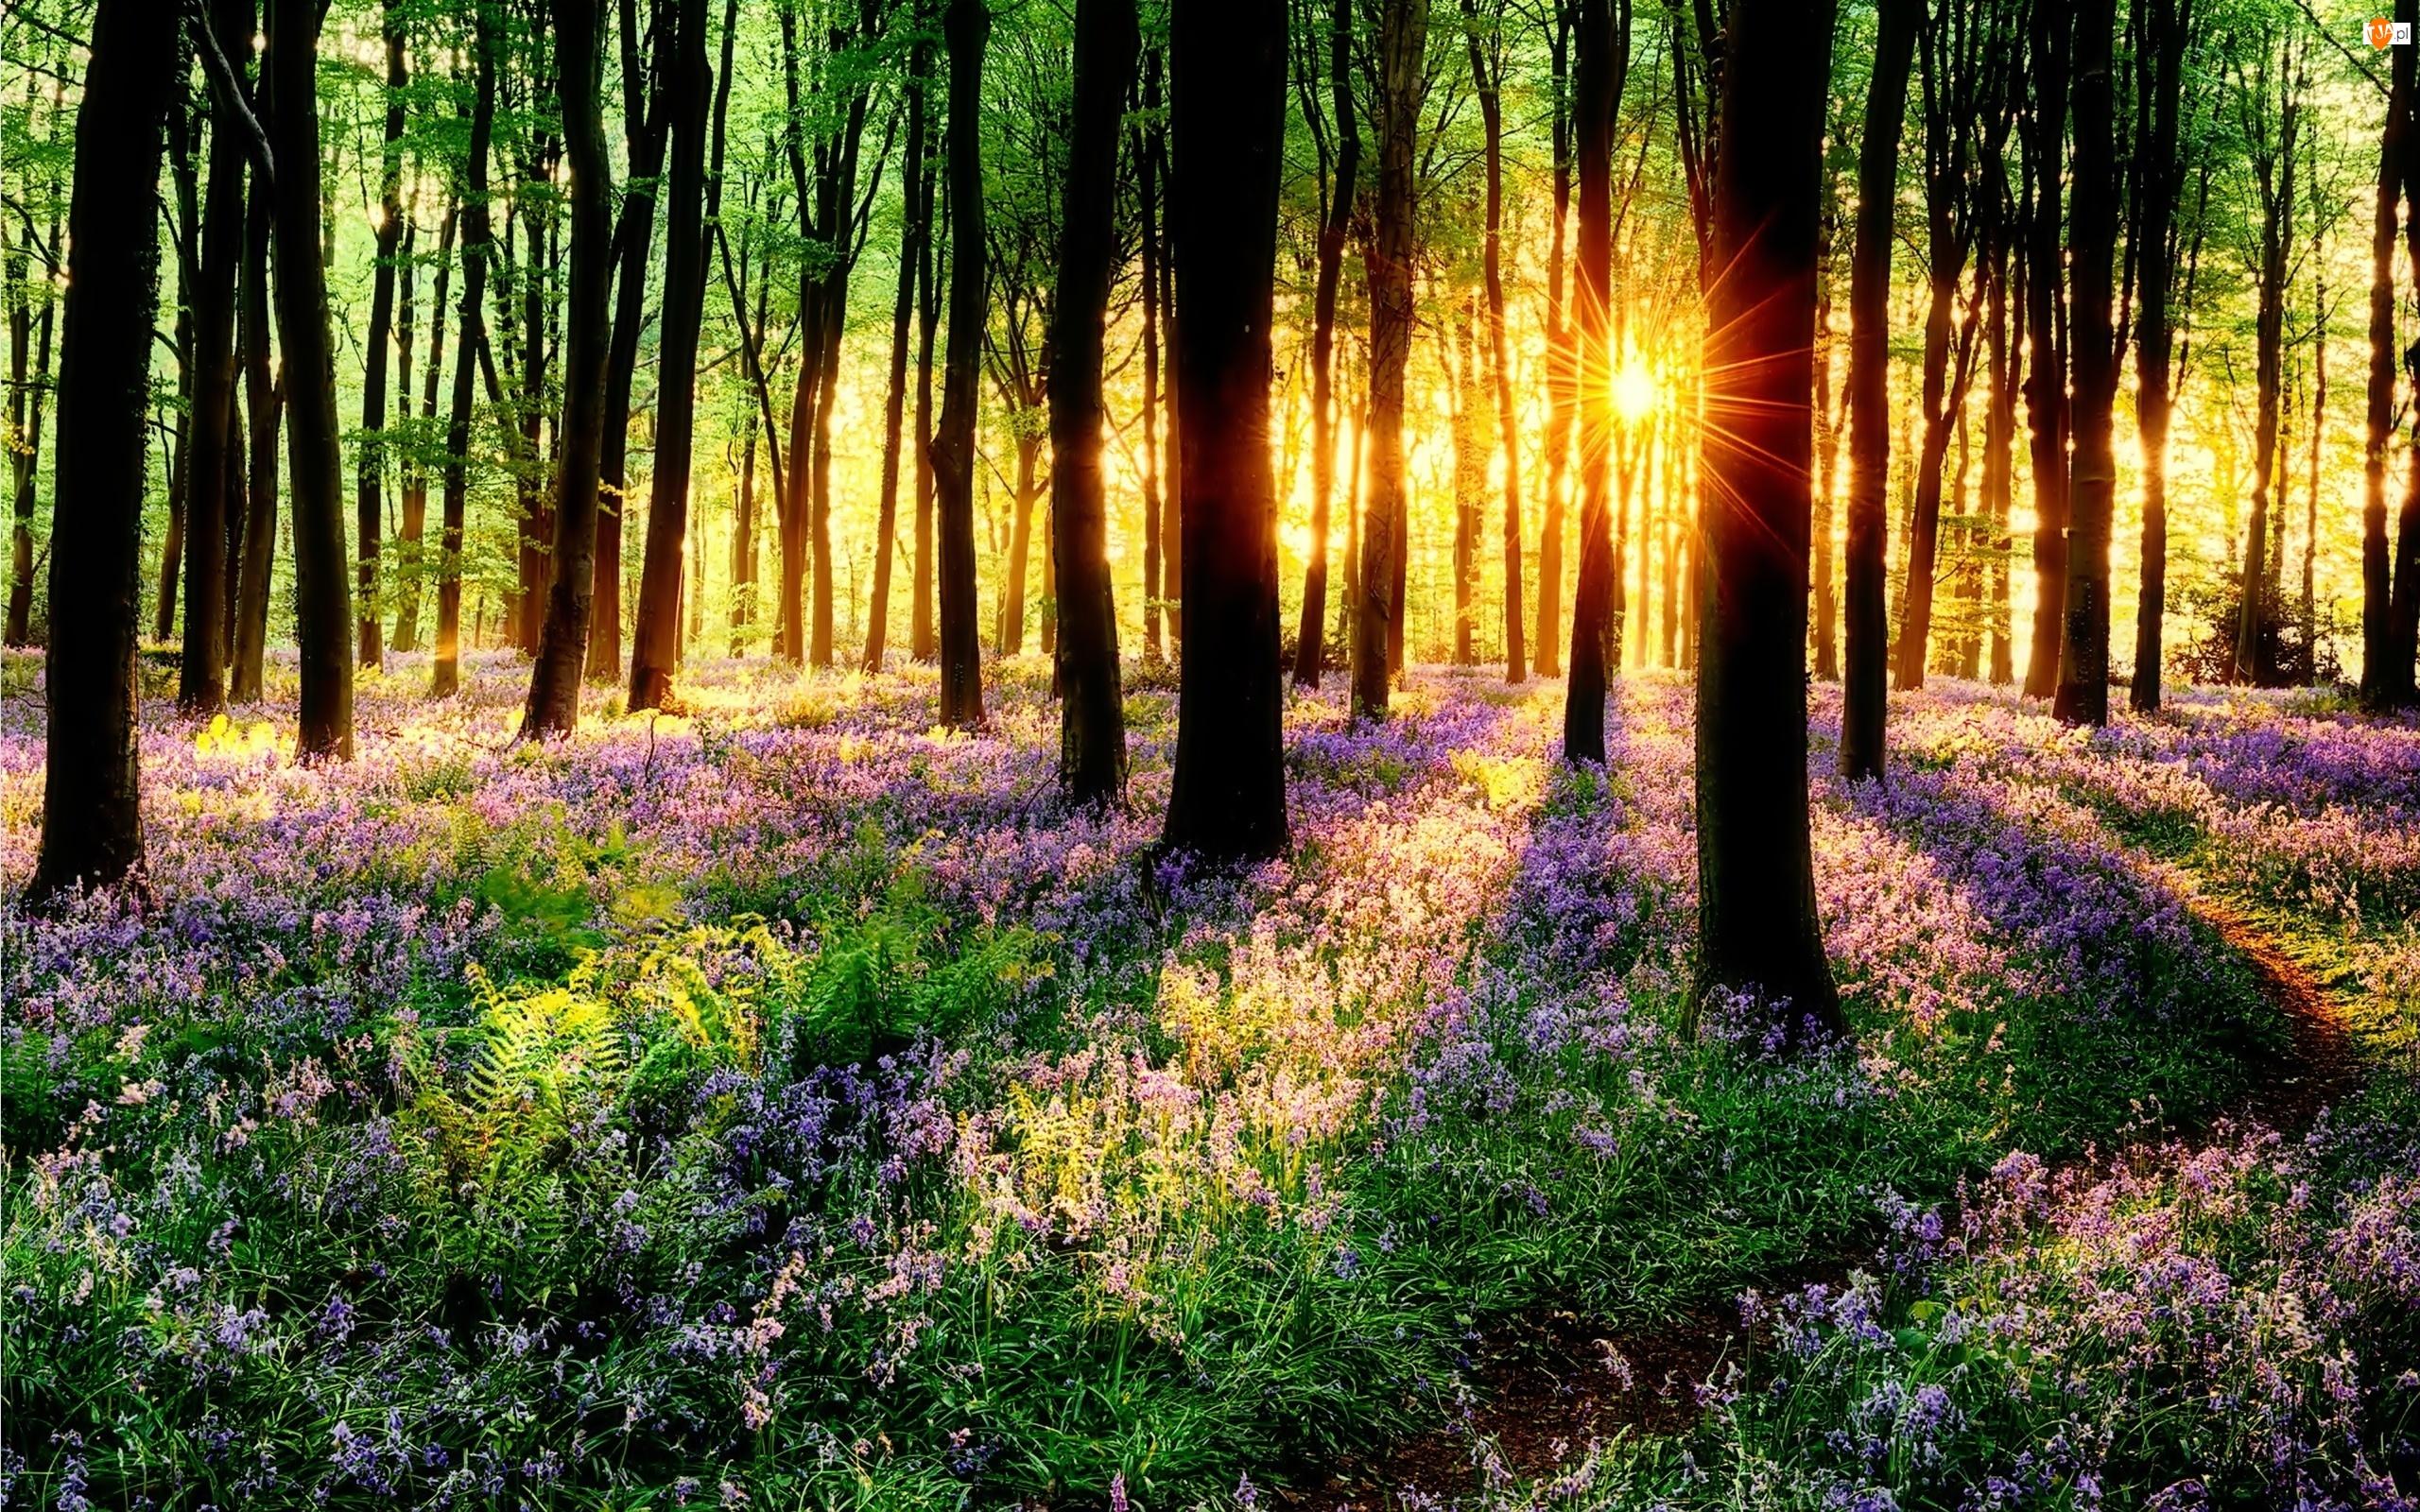 Kwiaty, Las, Promienie, Drzewa, Słońca